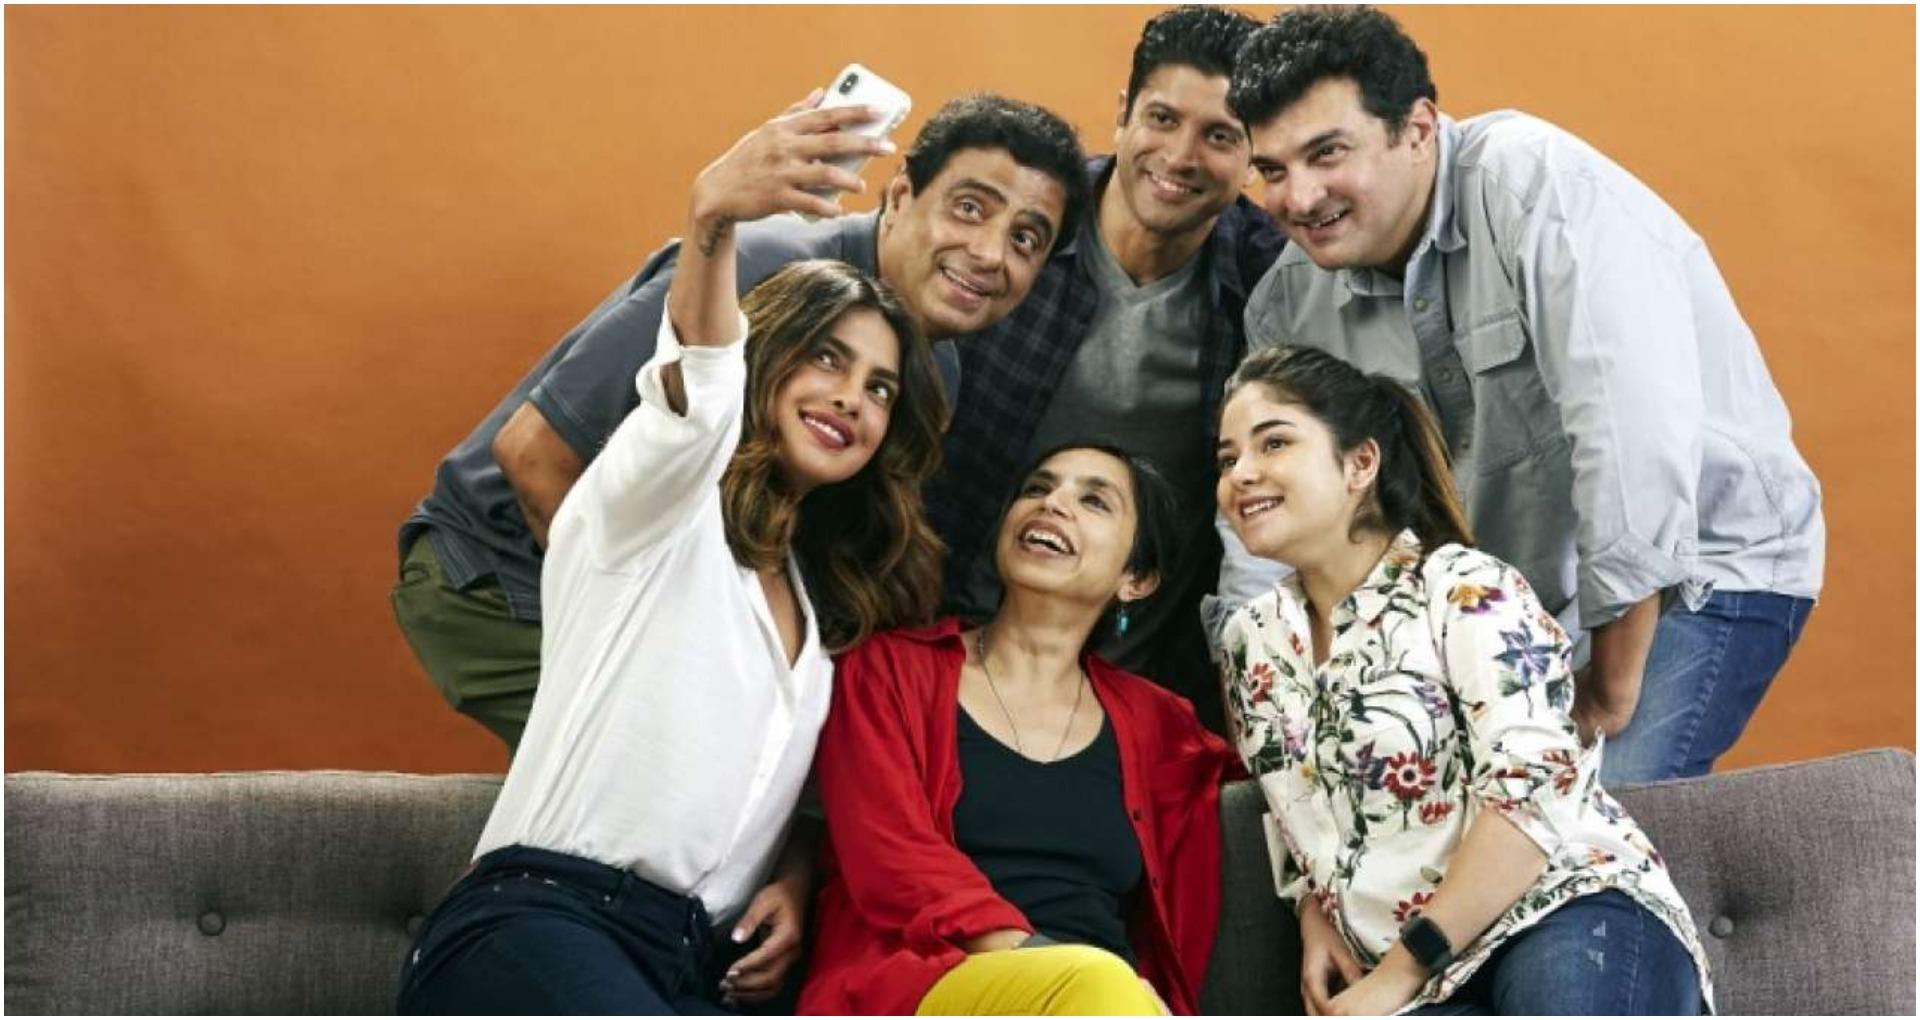 जायरा वसीम ने छोड़ी फिल्मी दुनिया, अब नहीं करेंगी अपनी आखिरी फिल्म द स्काई इज पिंक का प्रमोशन!